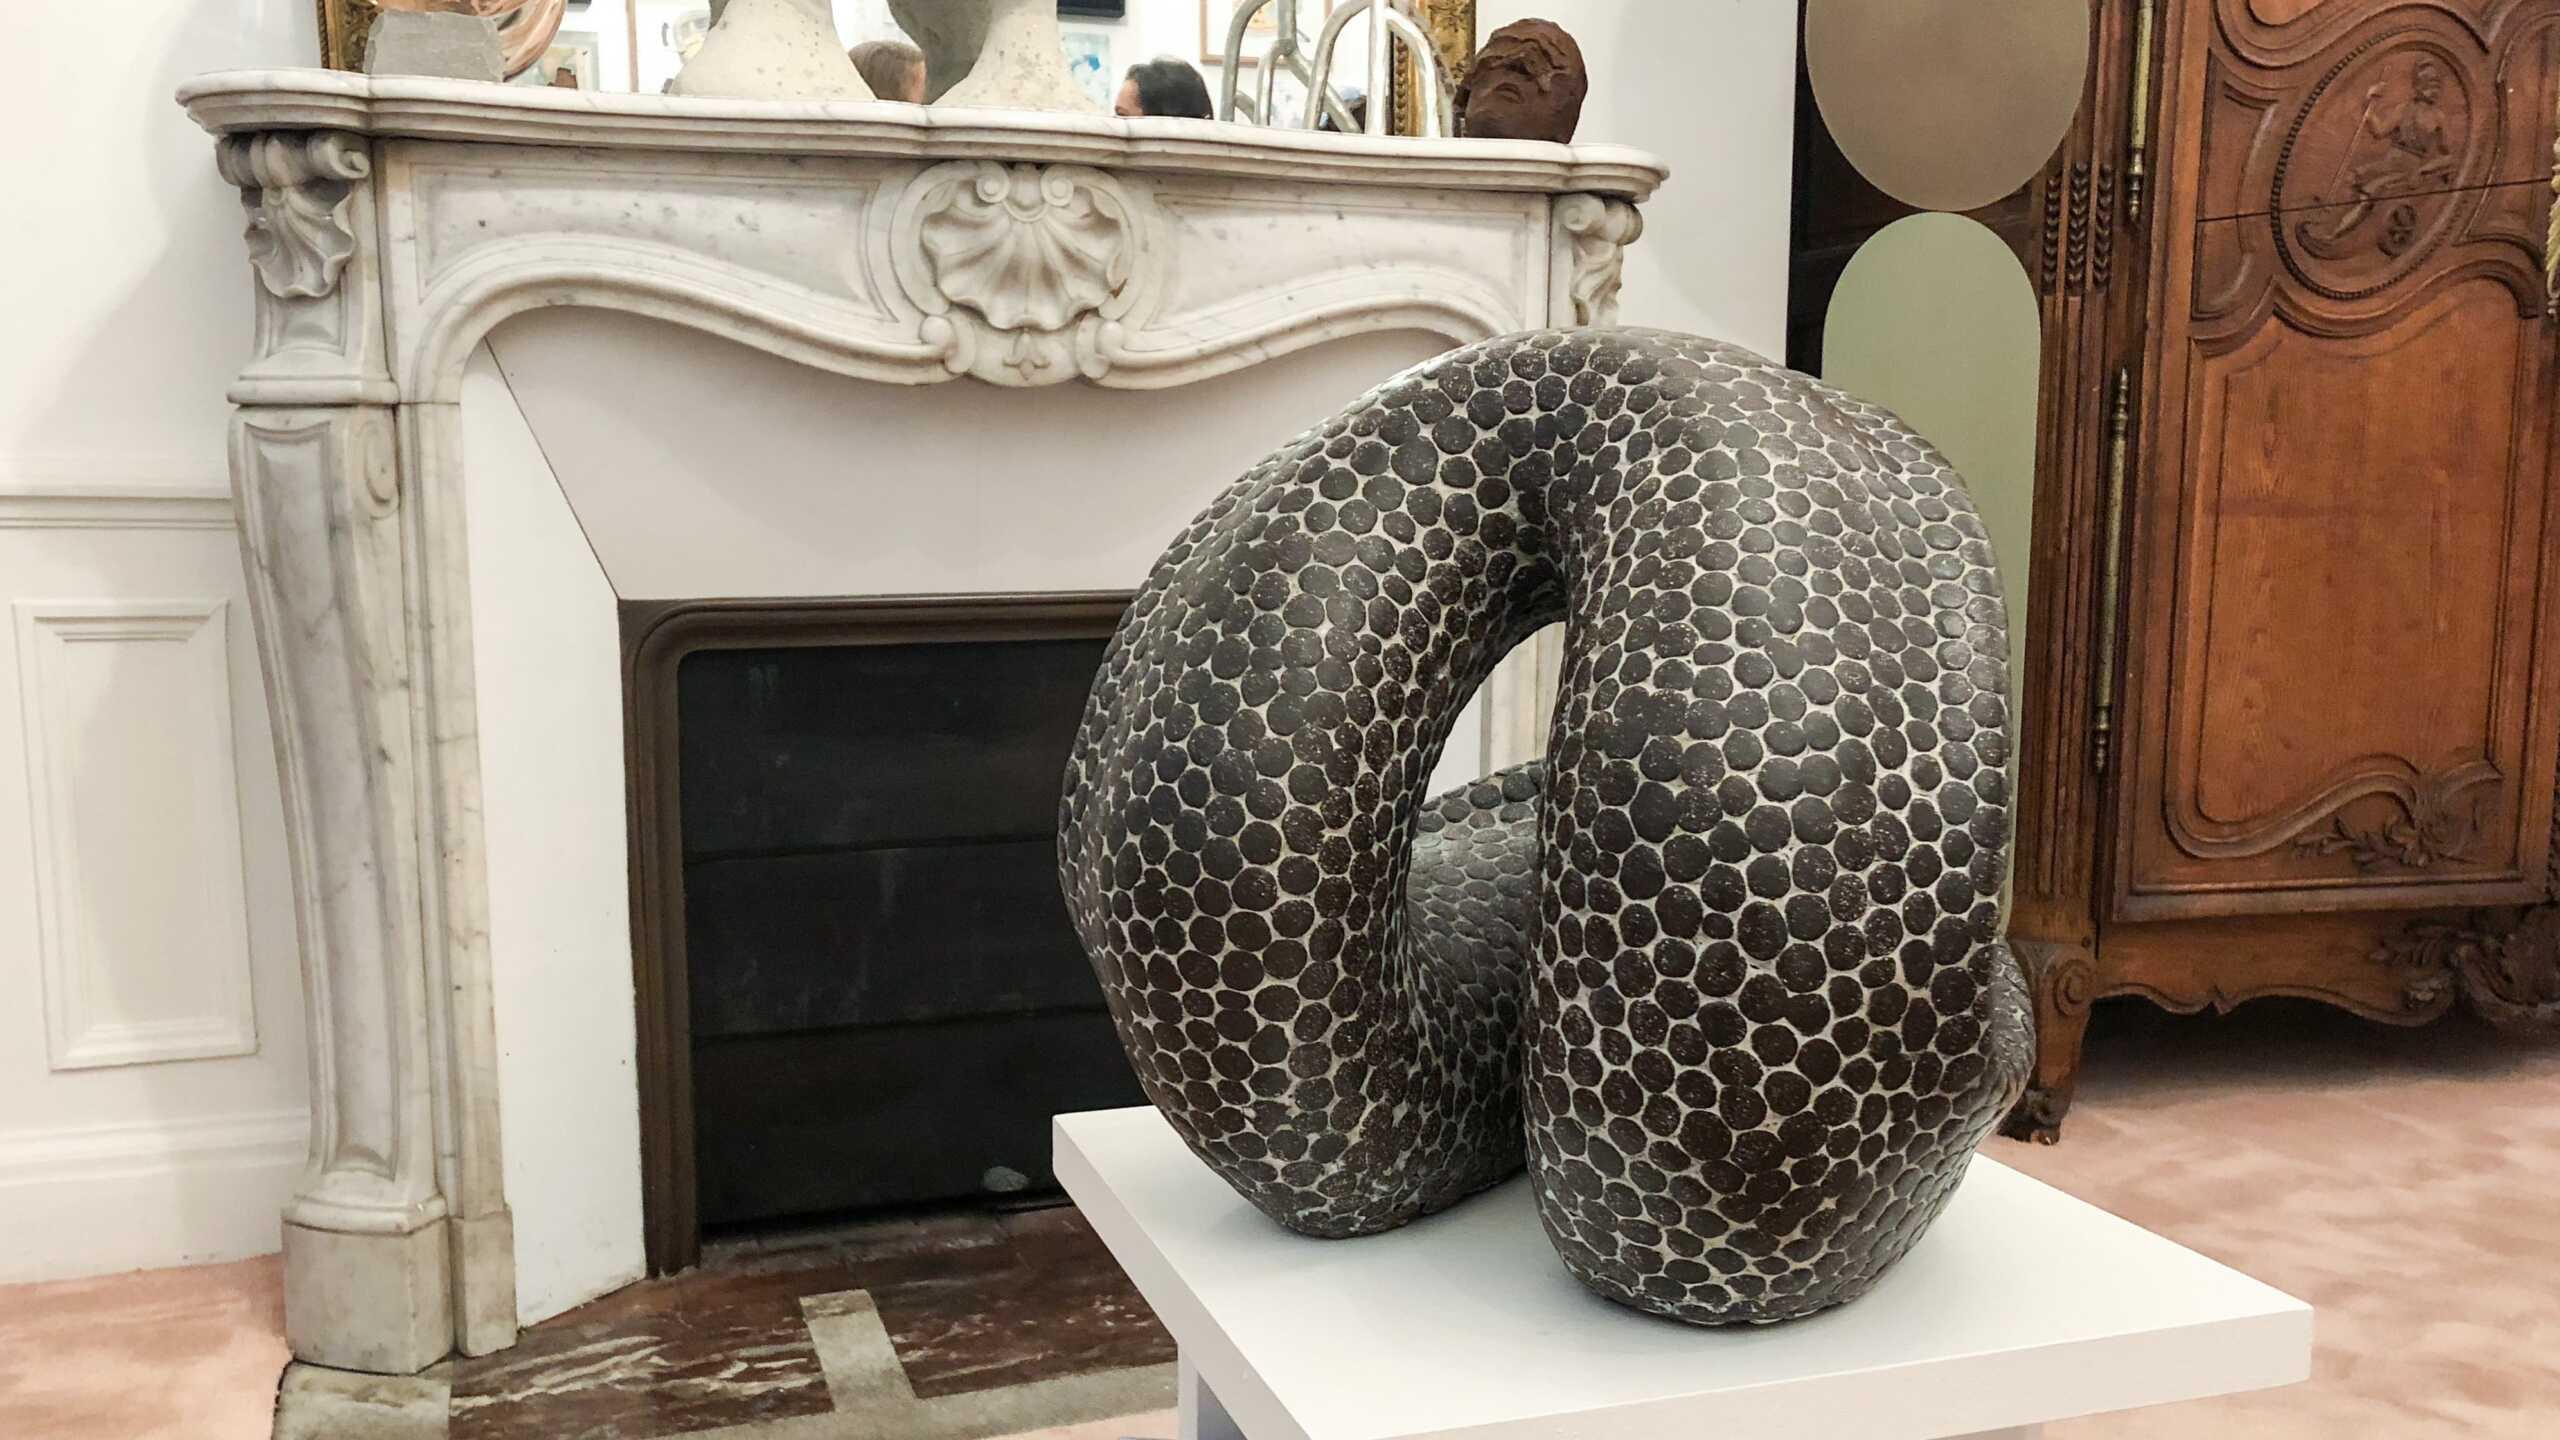 Yann Delacour sculpture ceramic